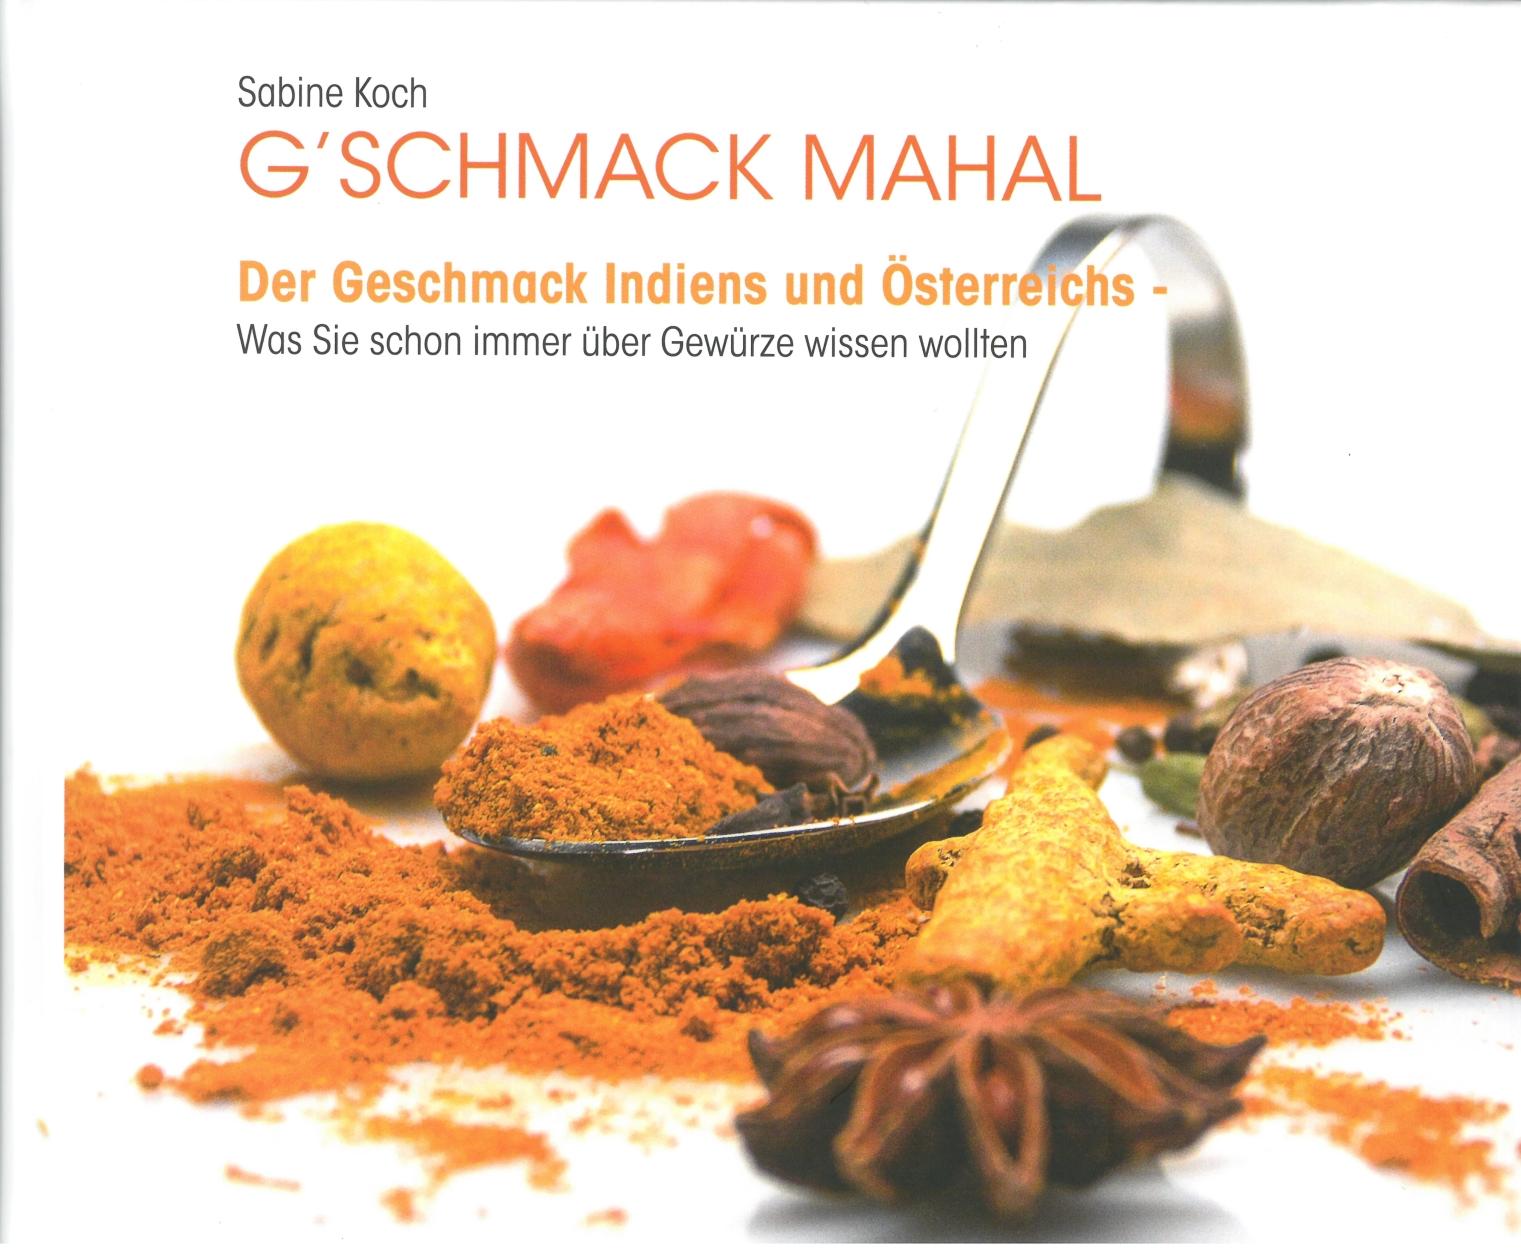 G´schmack Mahal von Sabine Koch. Neues Kochbuch und Gewürzbuch!